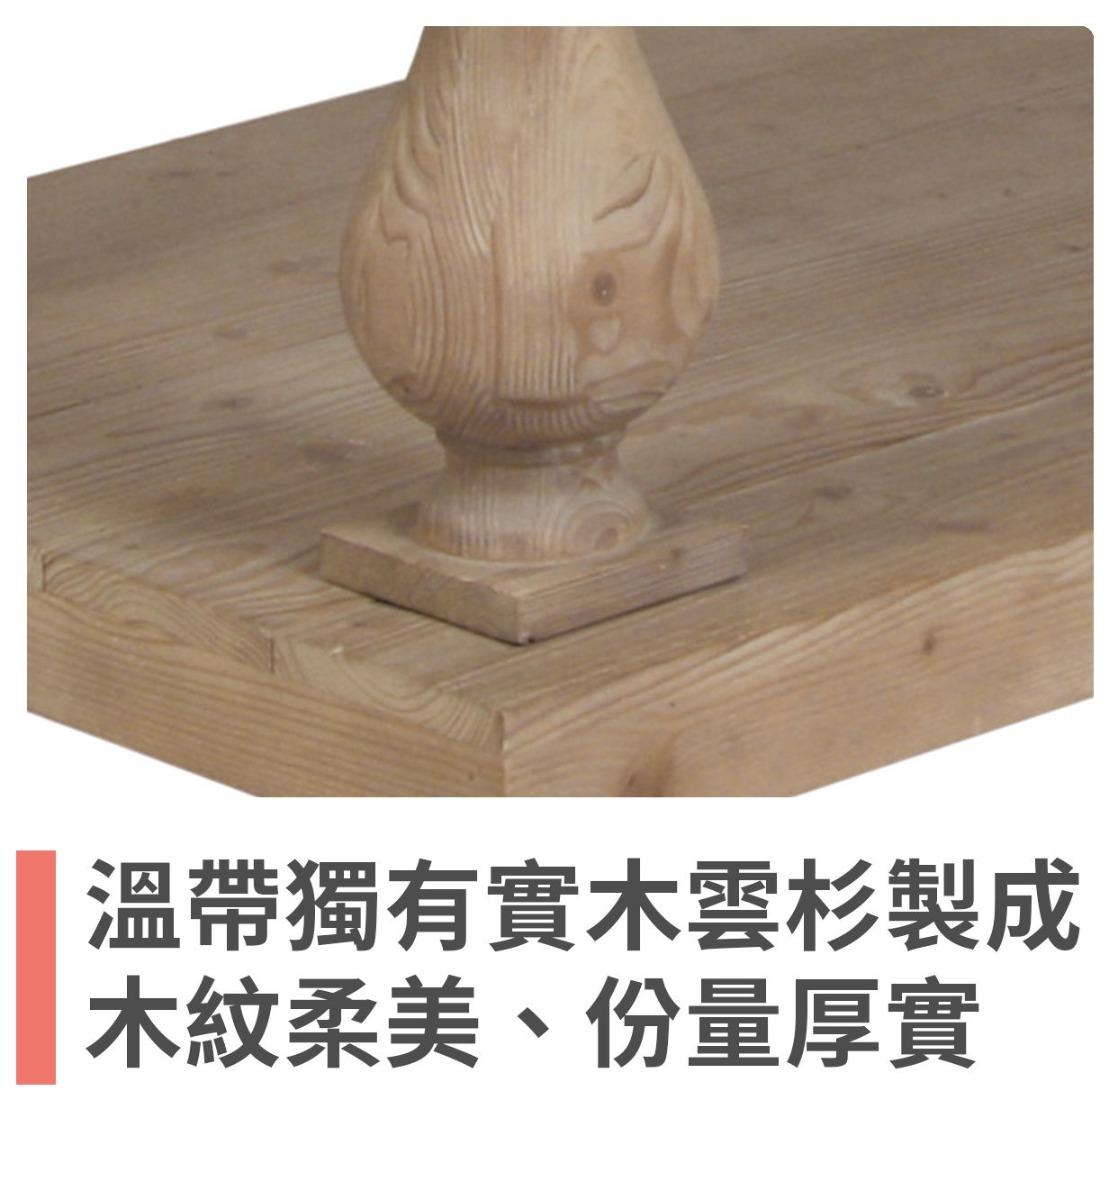 雲杉實木紋理